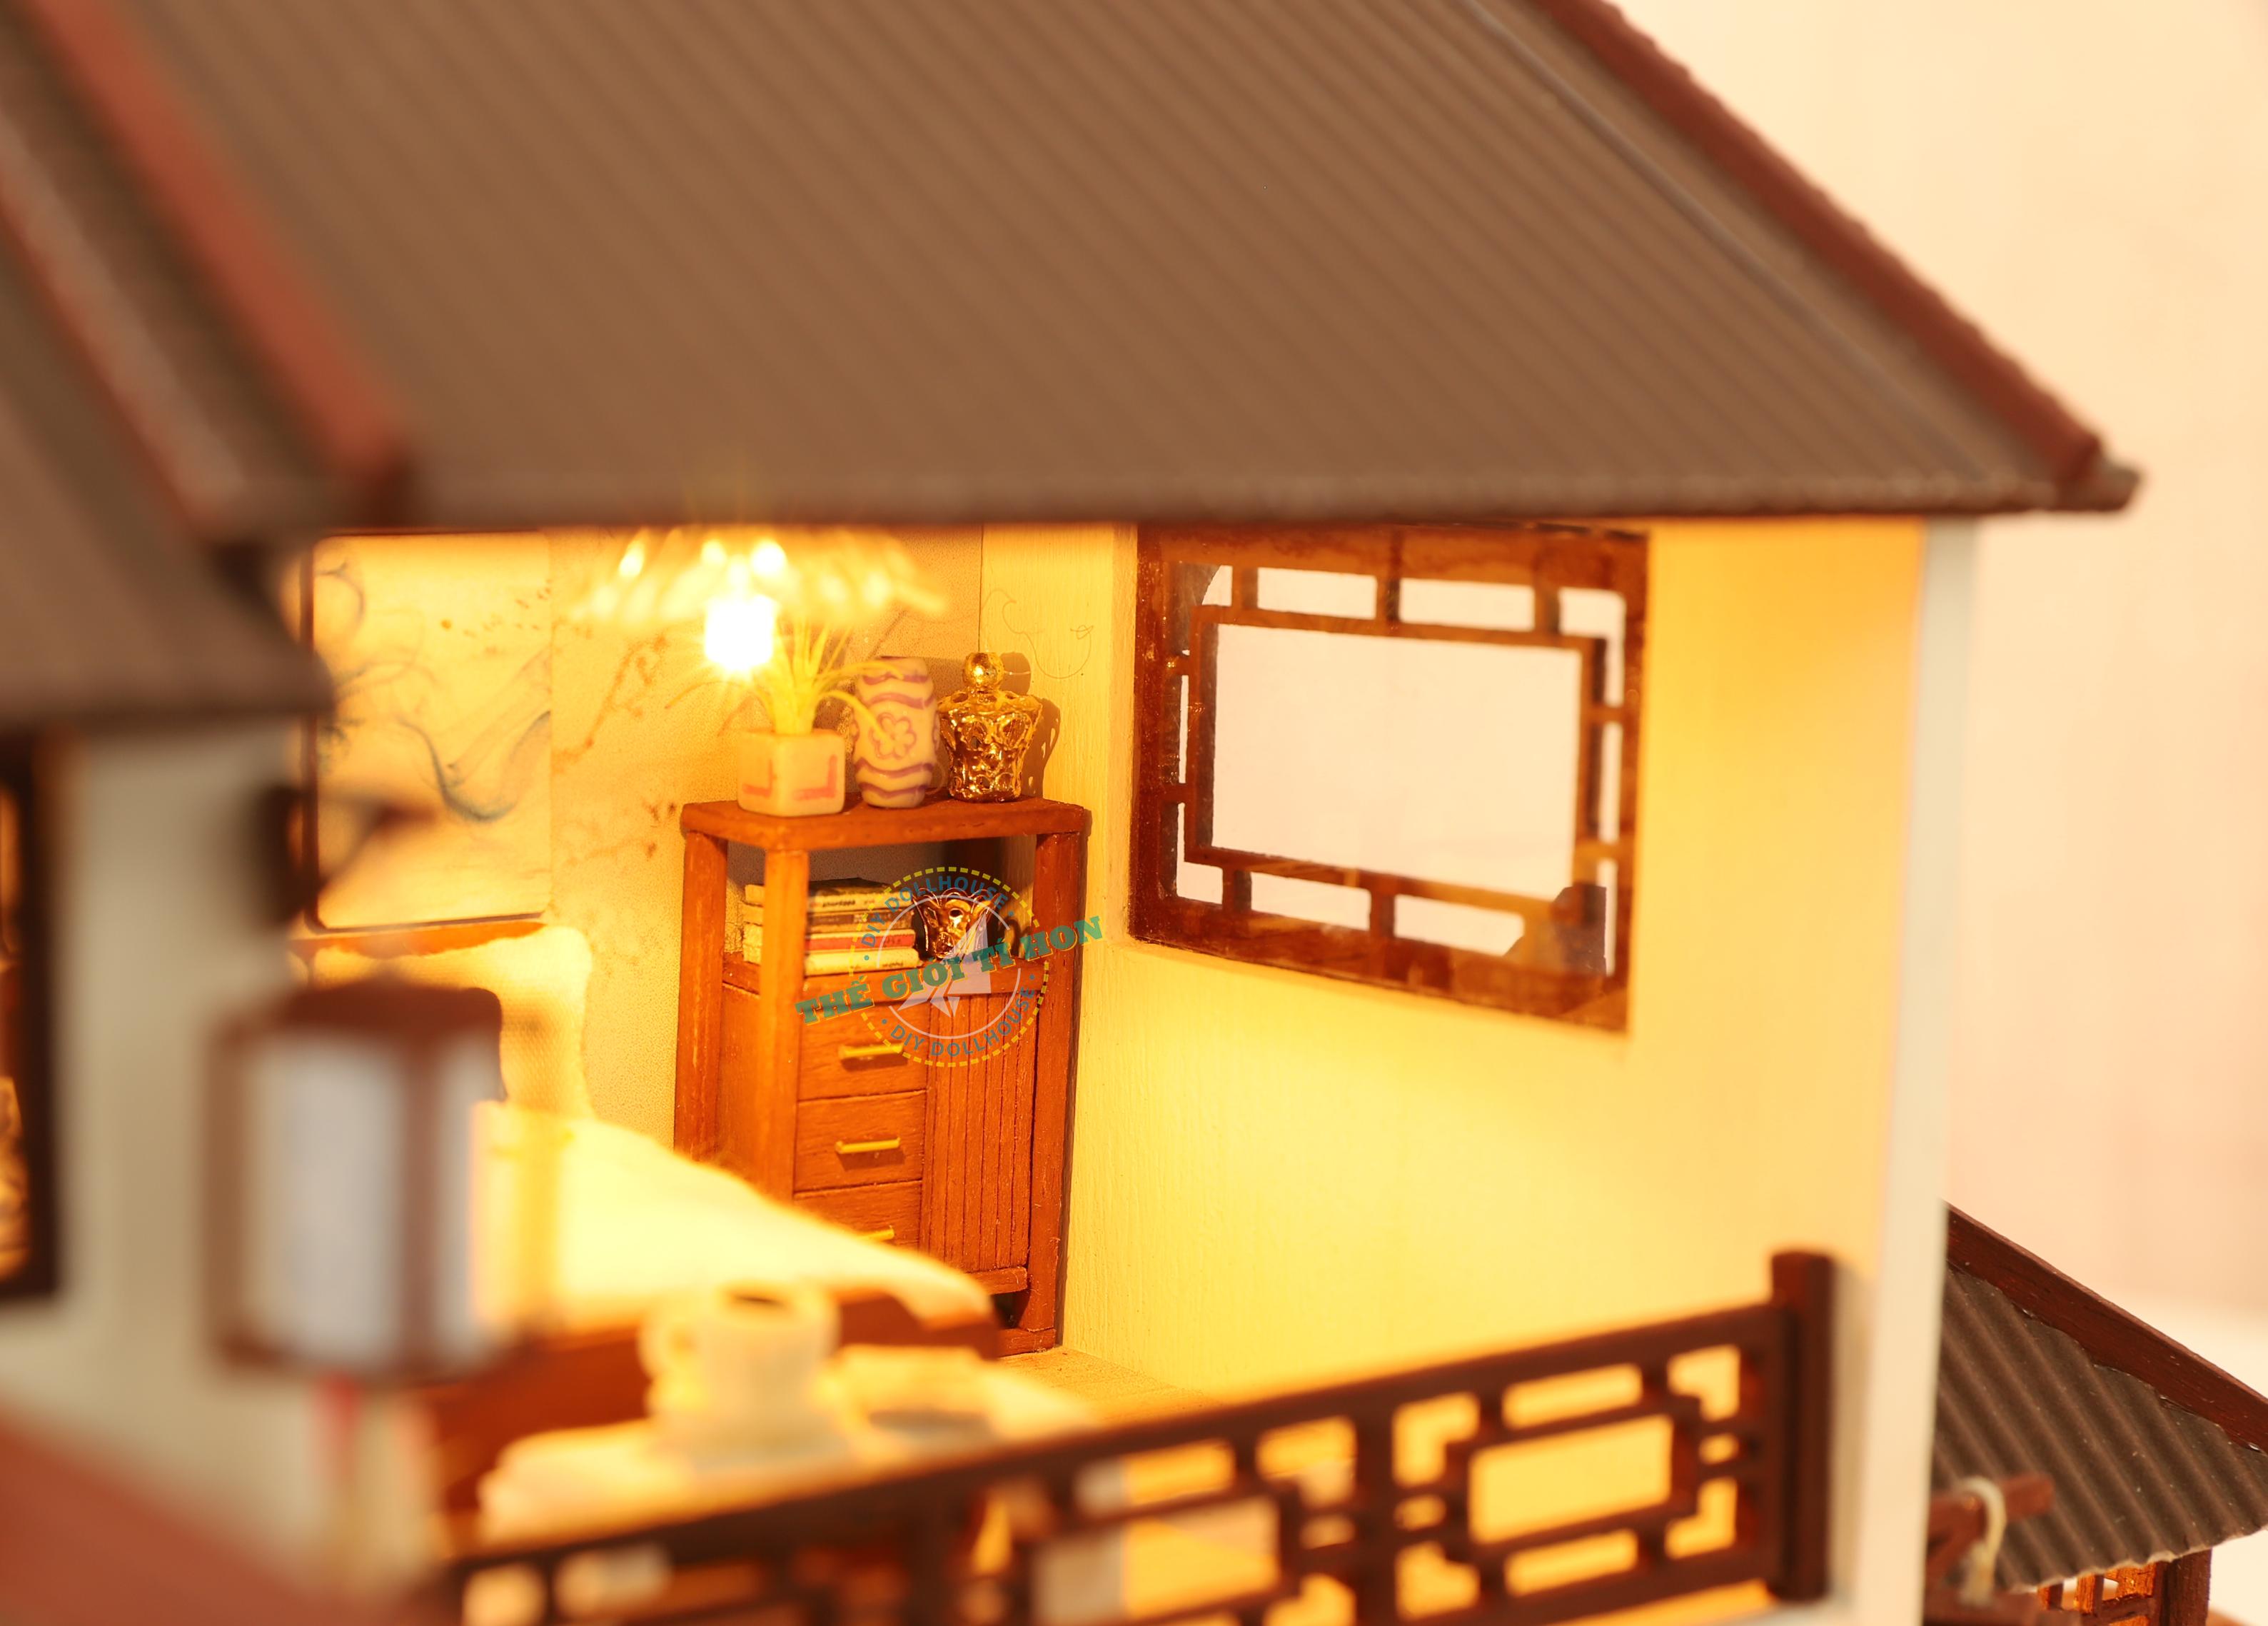 mô hình biệt thự nhà gỗ cổ trang diy p001 (1)